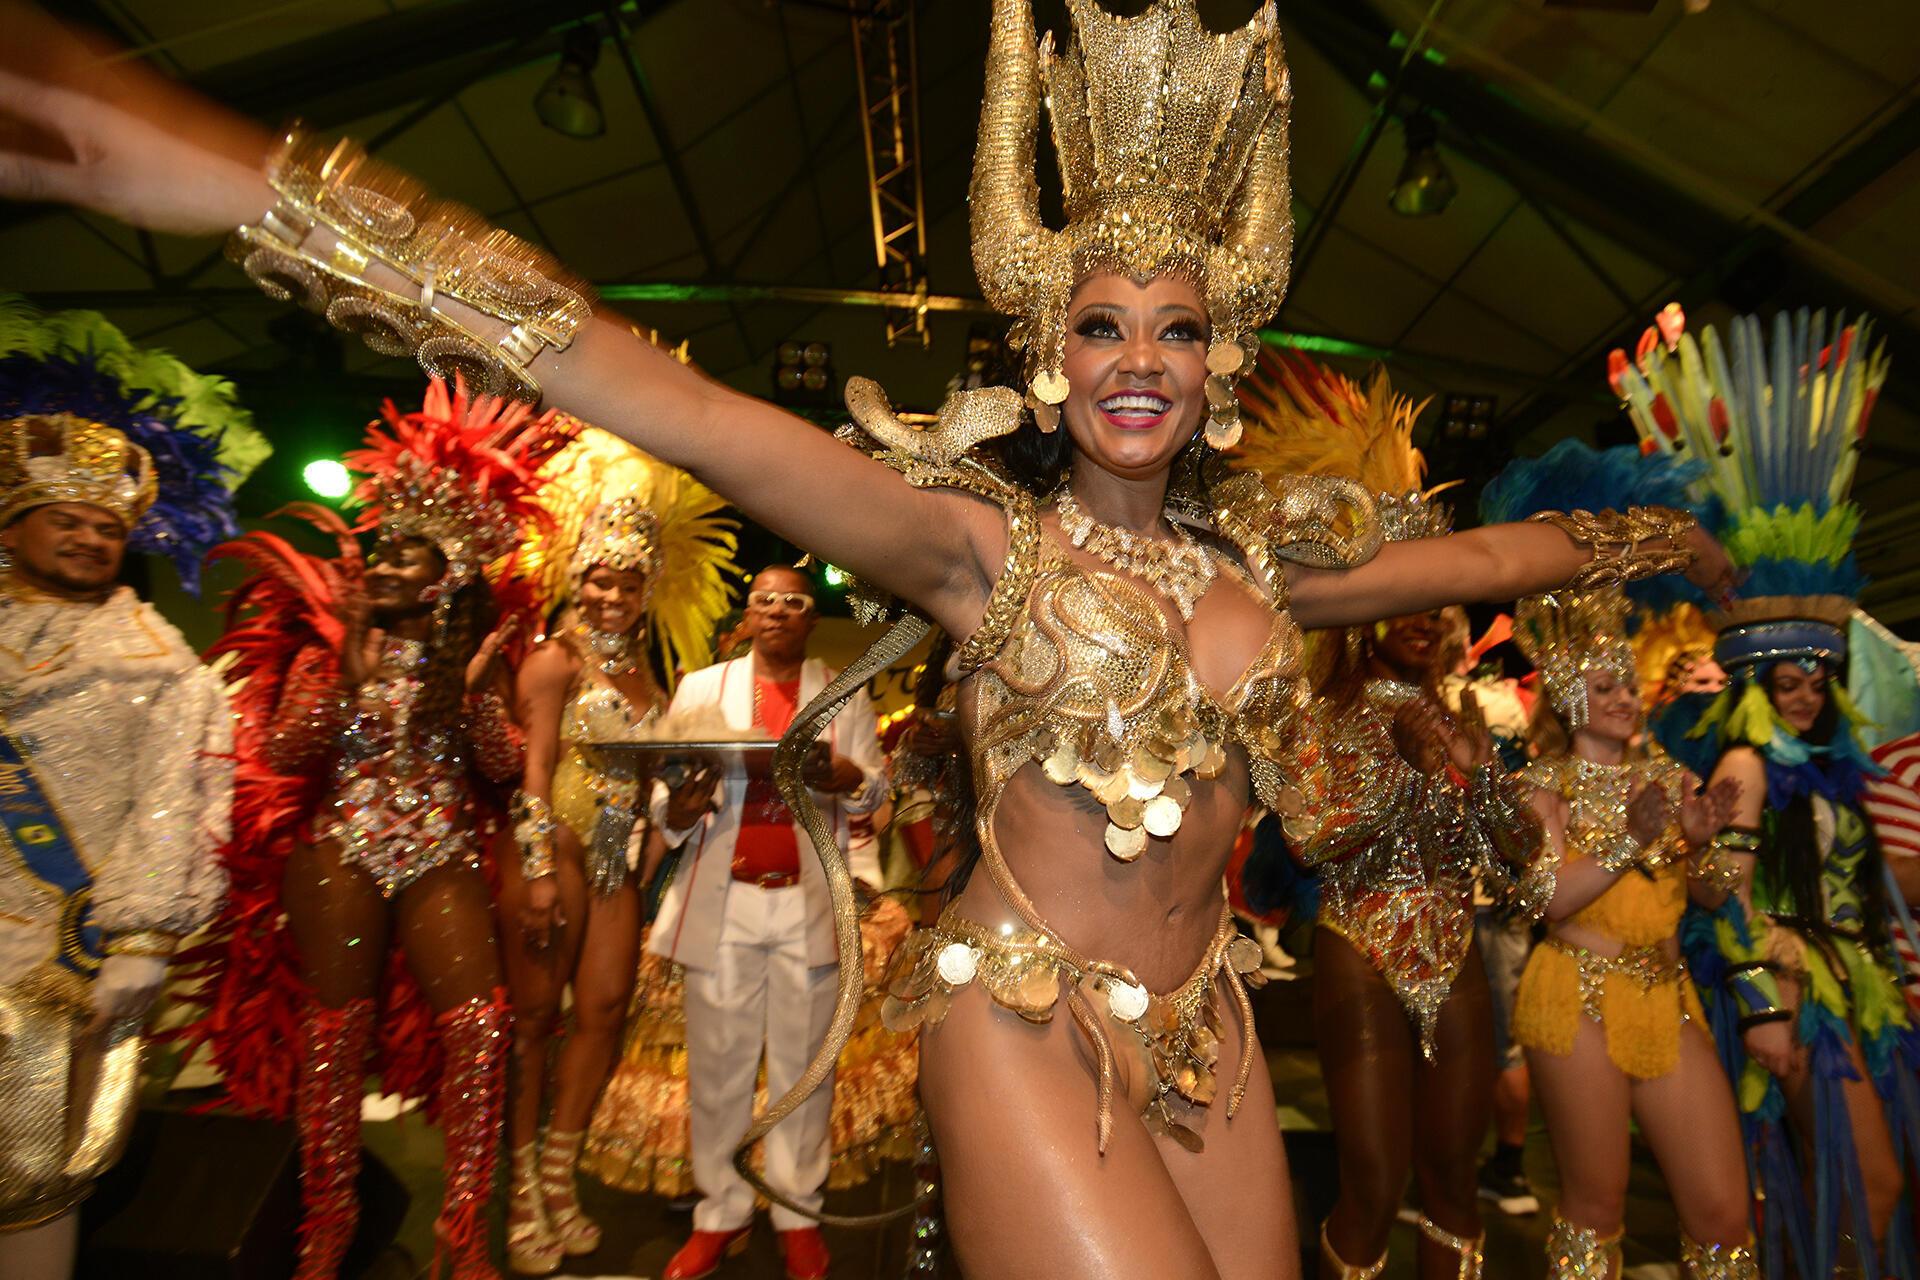 Rainha de Bateria da Mocidade Independente de Padre Miguel (RJ) e também da Vai-Vai (SP), a paulistana Camila Silva foi consagrada neste fim de semana como a Rainha do Carnaval da Suécia.